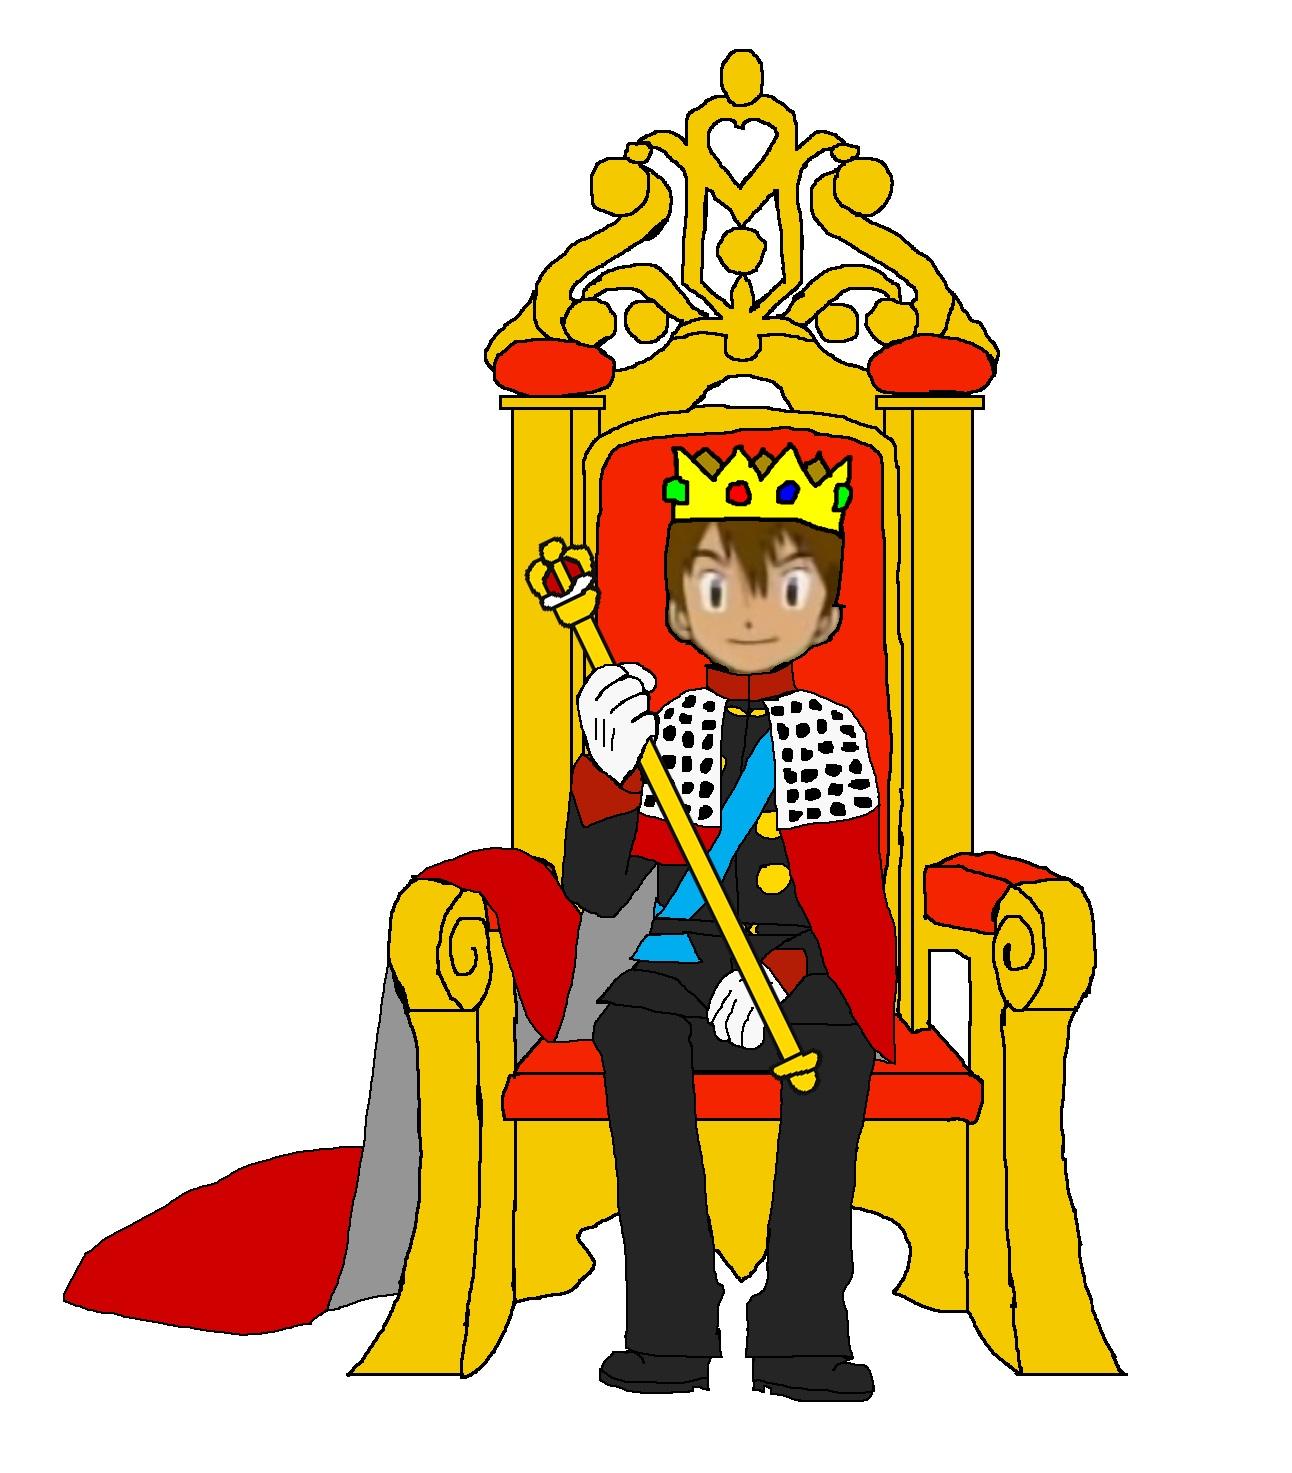 King clip art 4